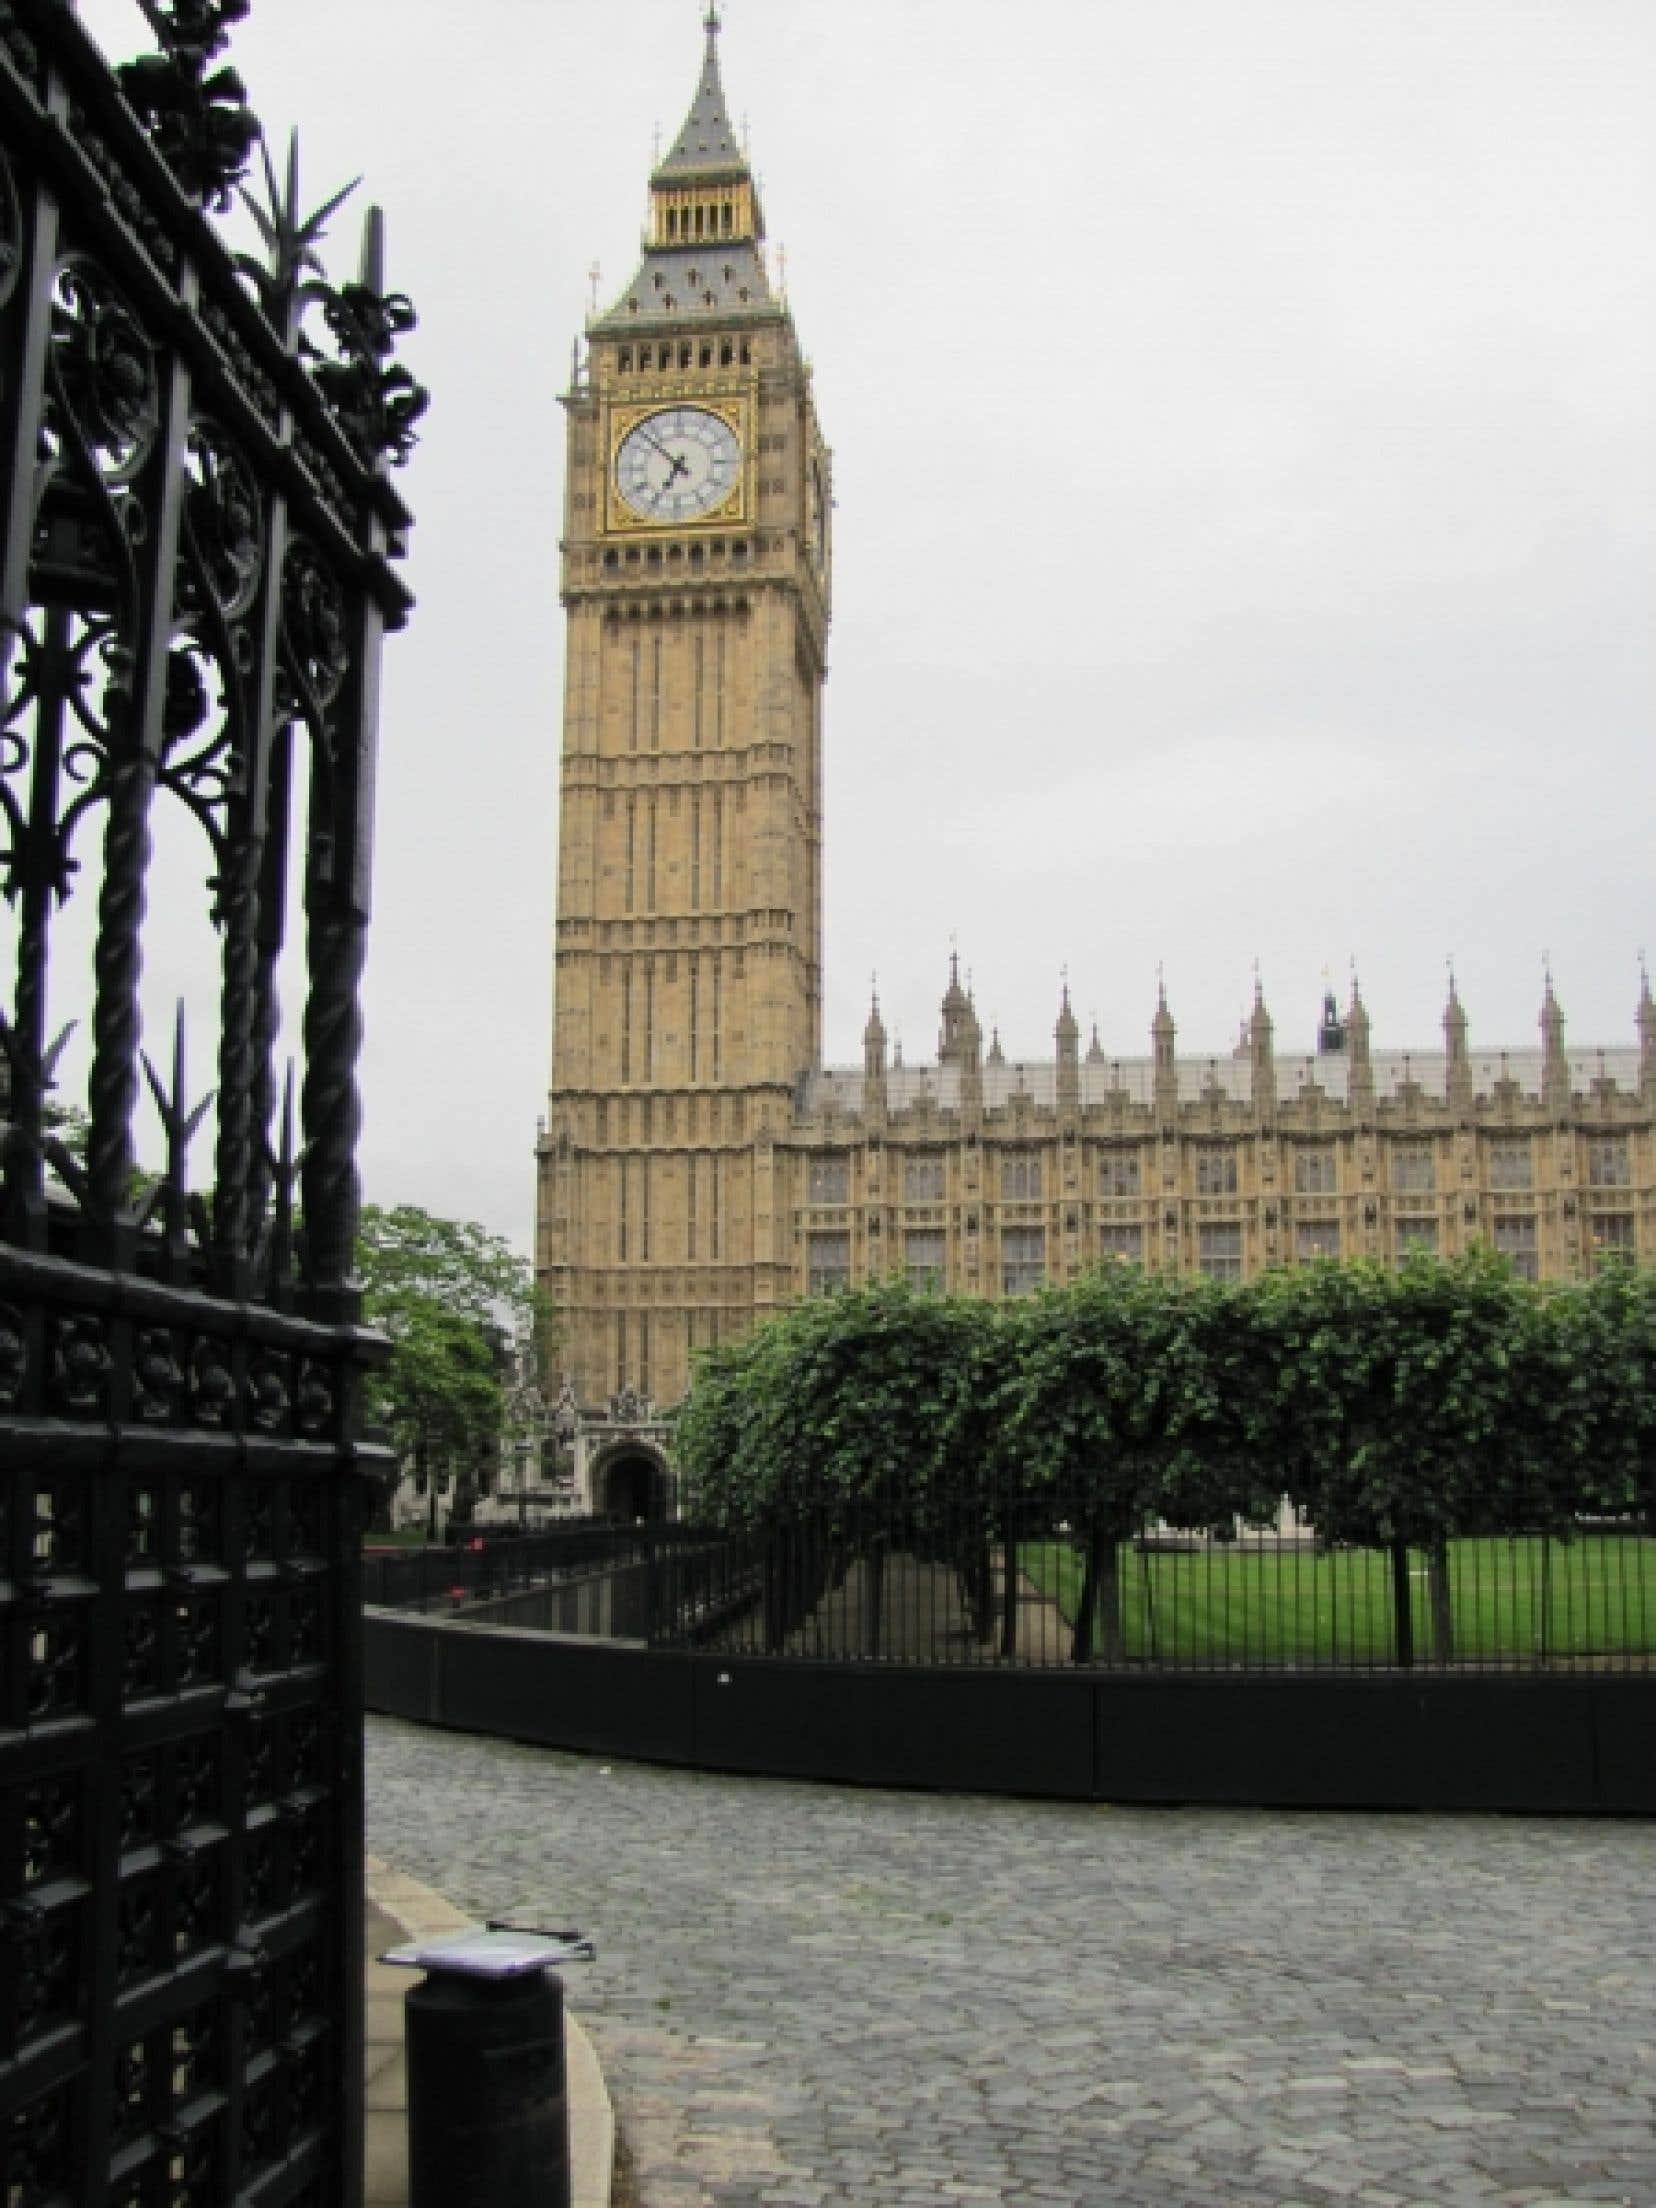 Depuis 1999, l'Écosse, une région semi-autonome, a son propre Parlement.